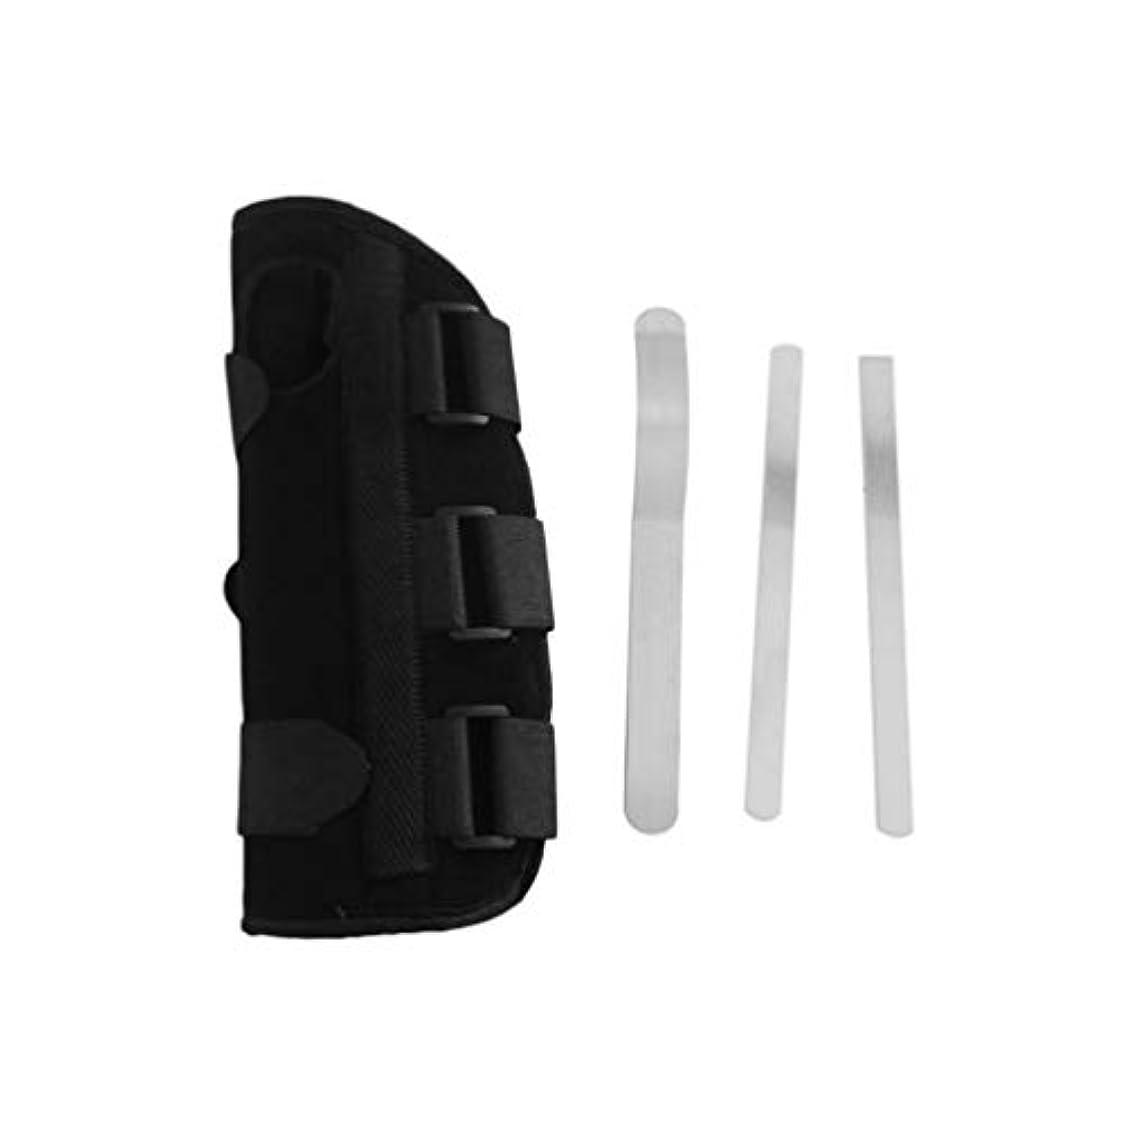 浸す著作権忘れられない手首副木ブレース保護サポートストラップカルペルトンネルCTS RSI痛み軽減リムーバブル副木快適な軽量ストラップ - ブラックM